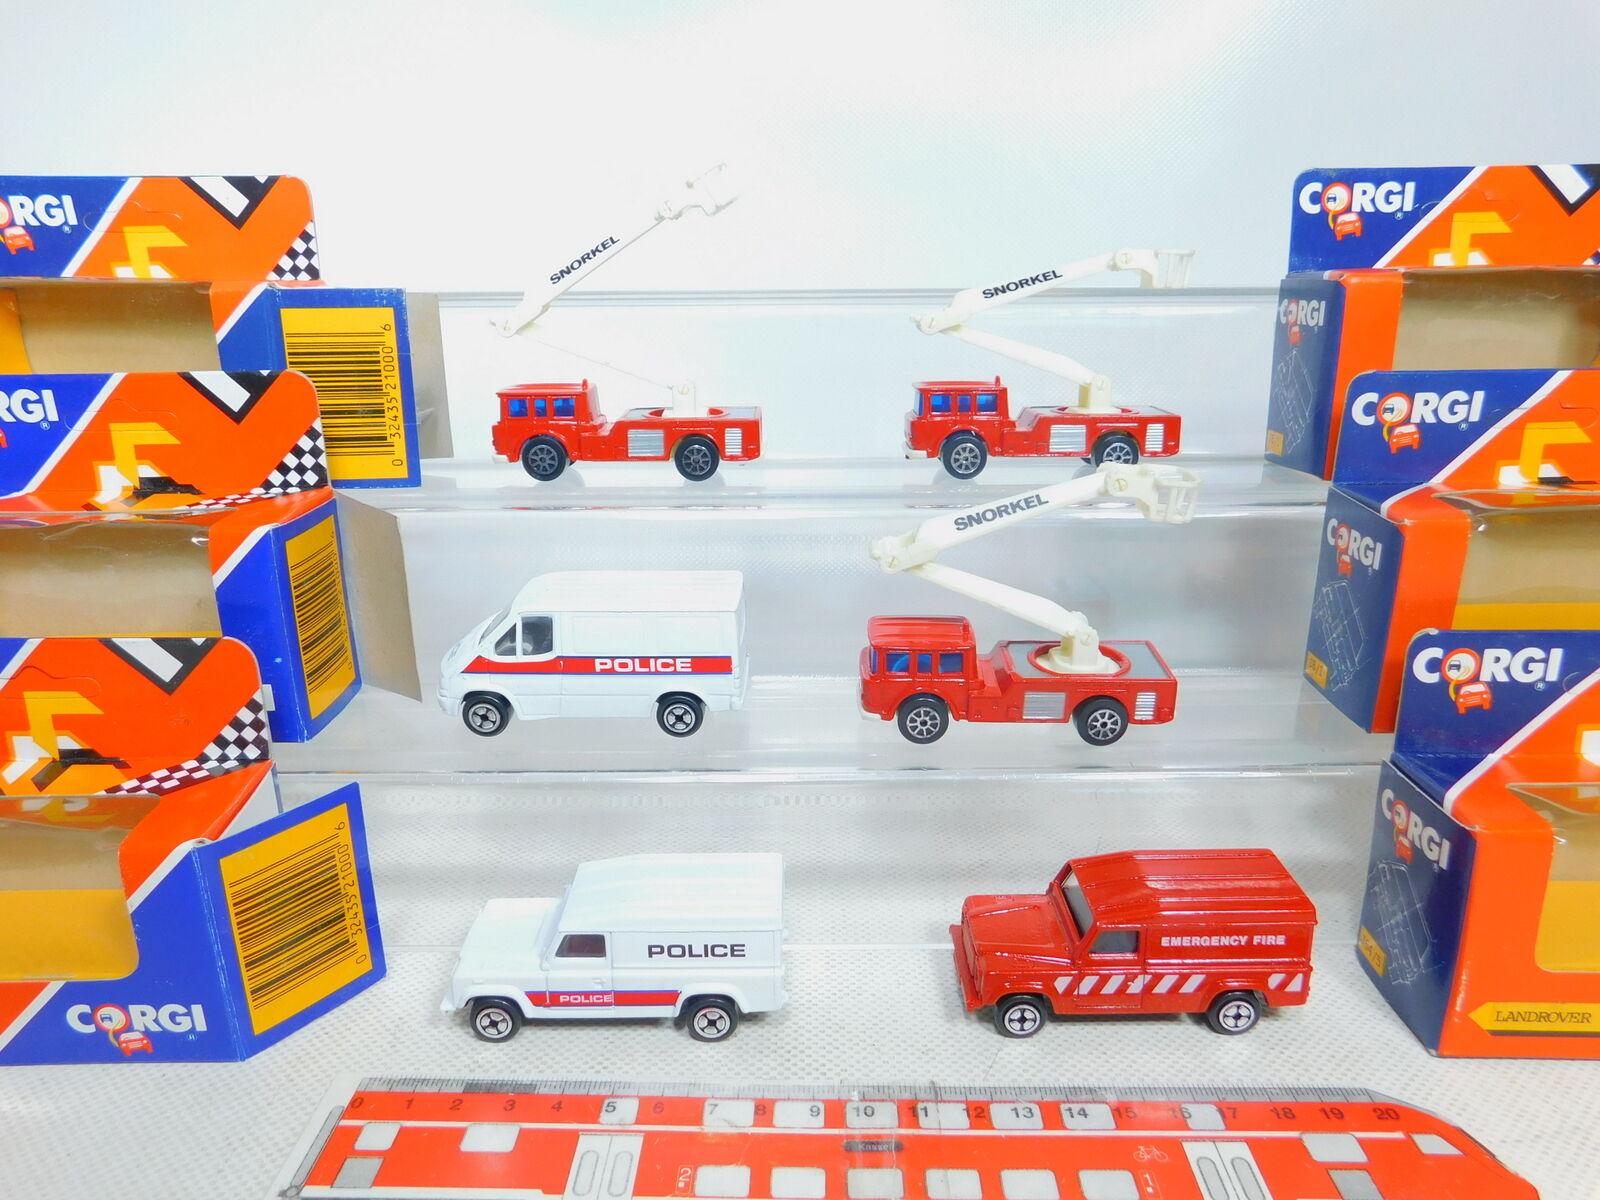 By331-1  6x CORGI pompier police-Modèle  Snorkel + LAND ROVER + TRANSIT, S.G.